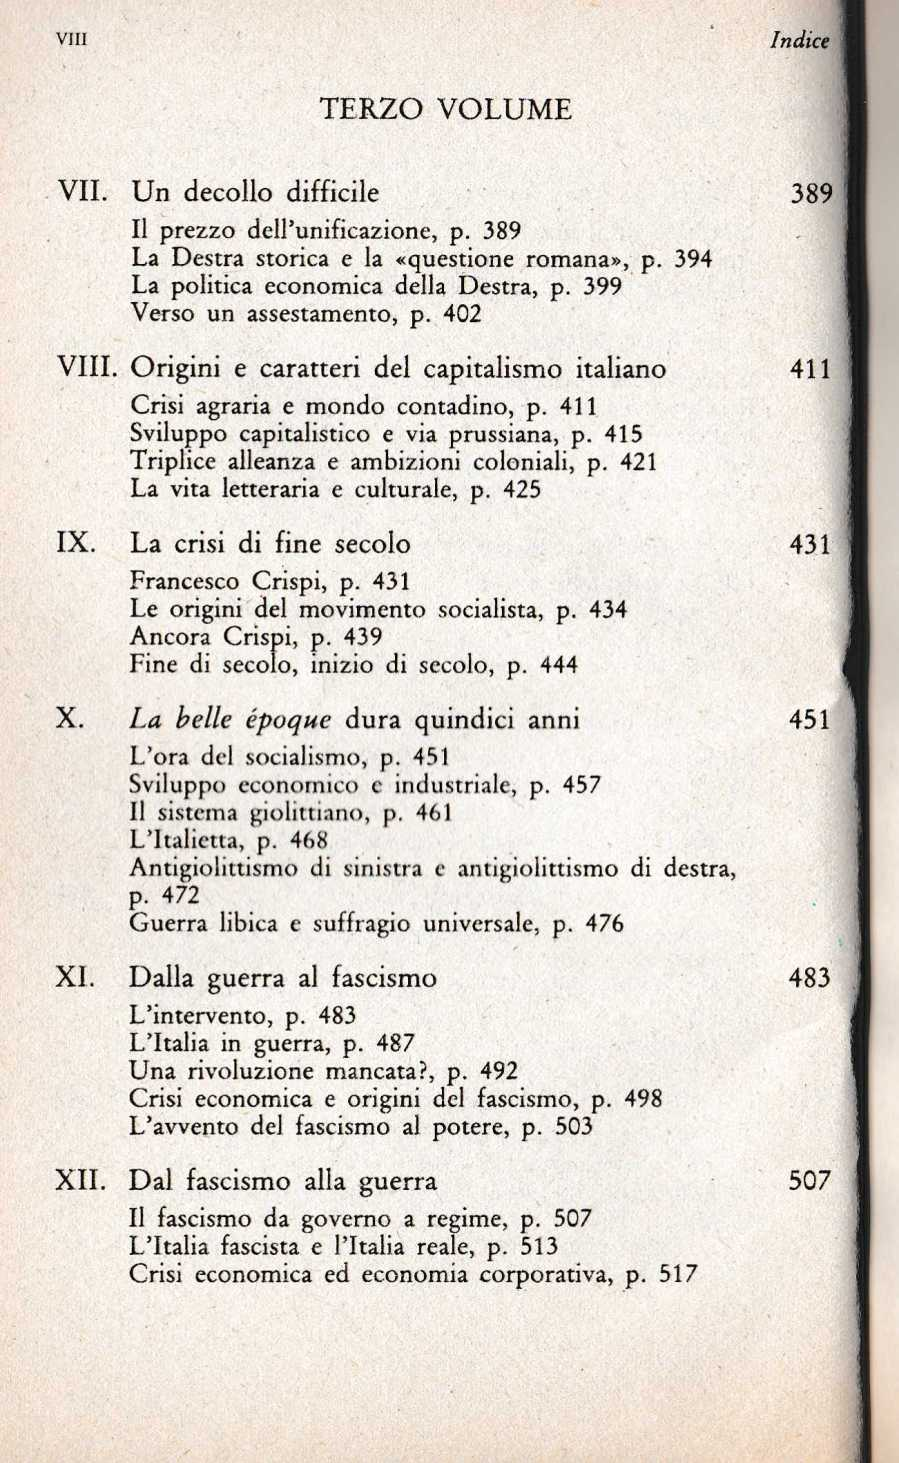 procacci3621